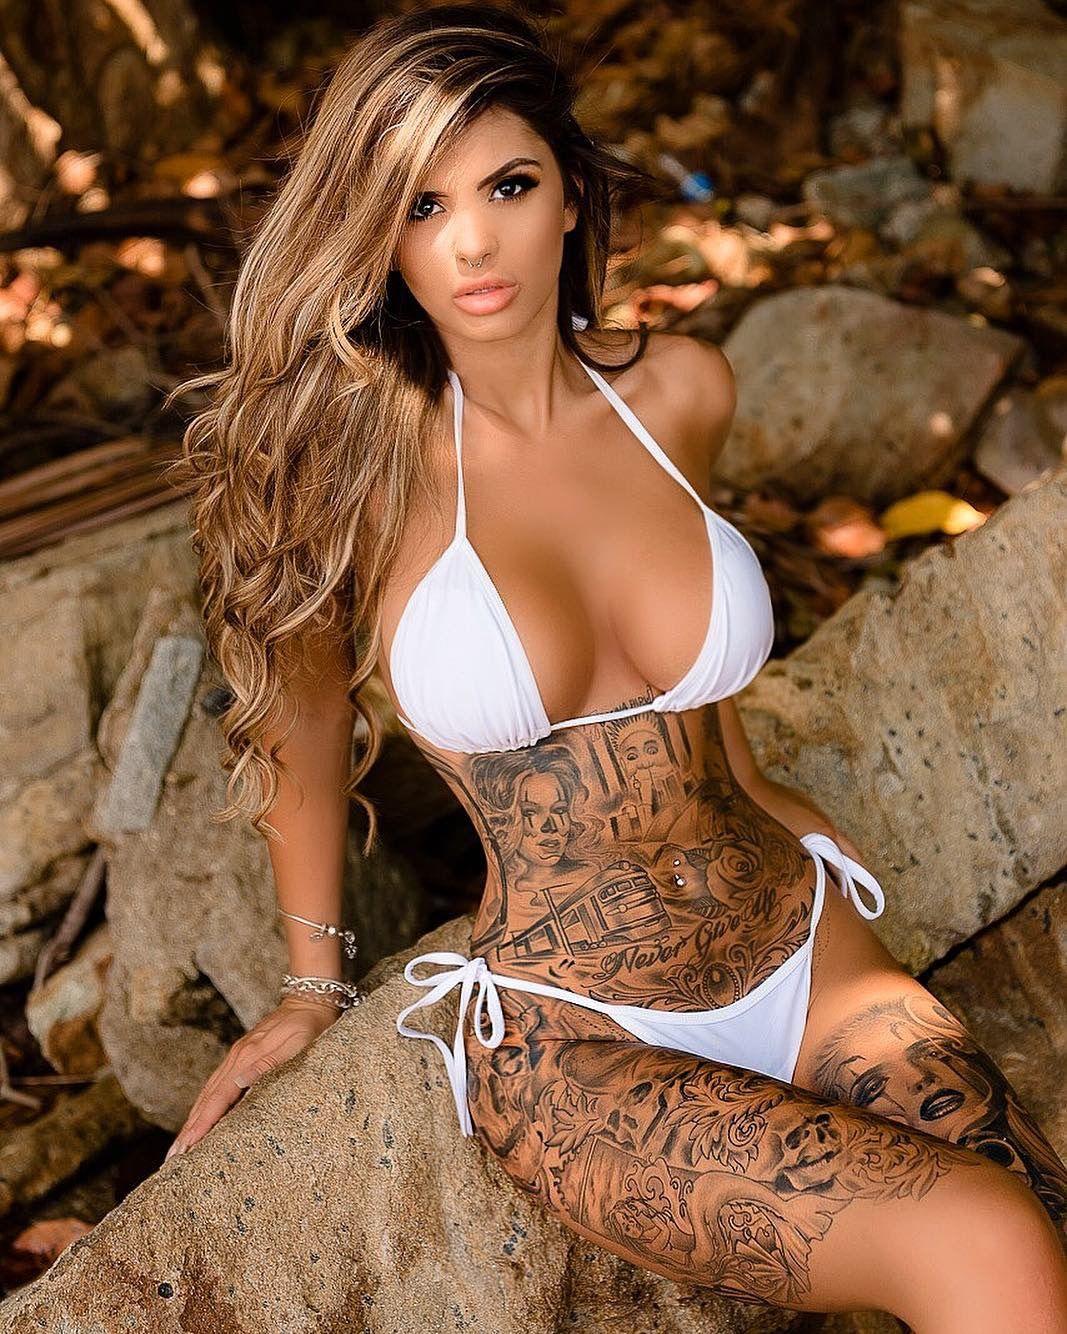 Tattoo girls nackt heiße Tattoo HD